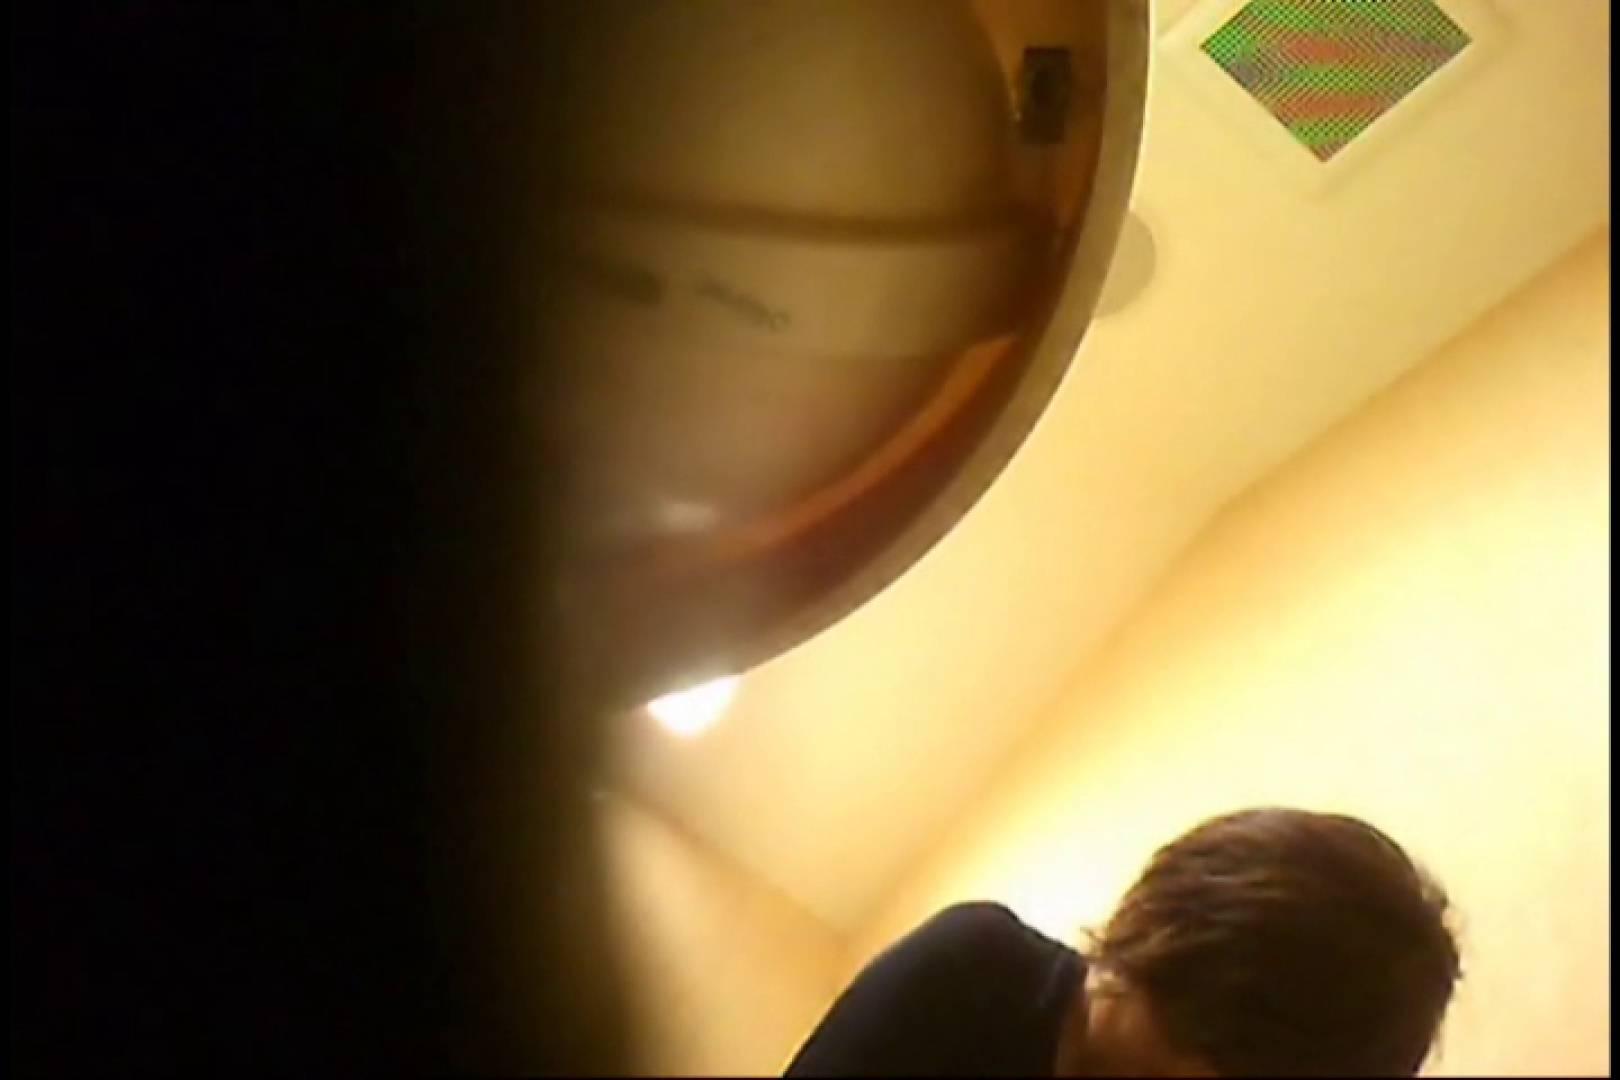 潜入!!女子化粧室盗撮~絶対見られたくない時間~vo,33 エッチな盗撮 ヌード画像 75pic 26